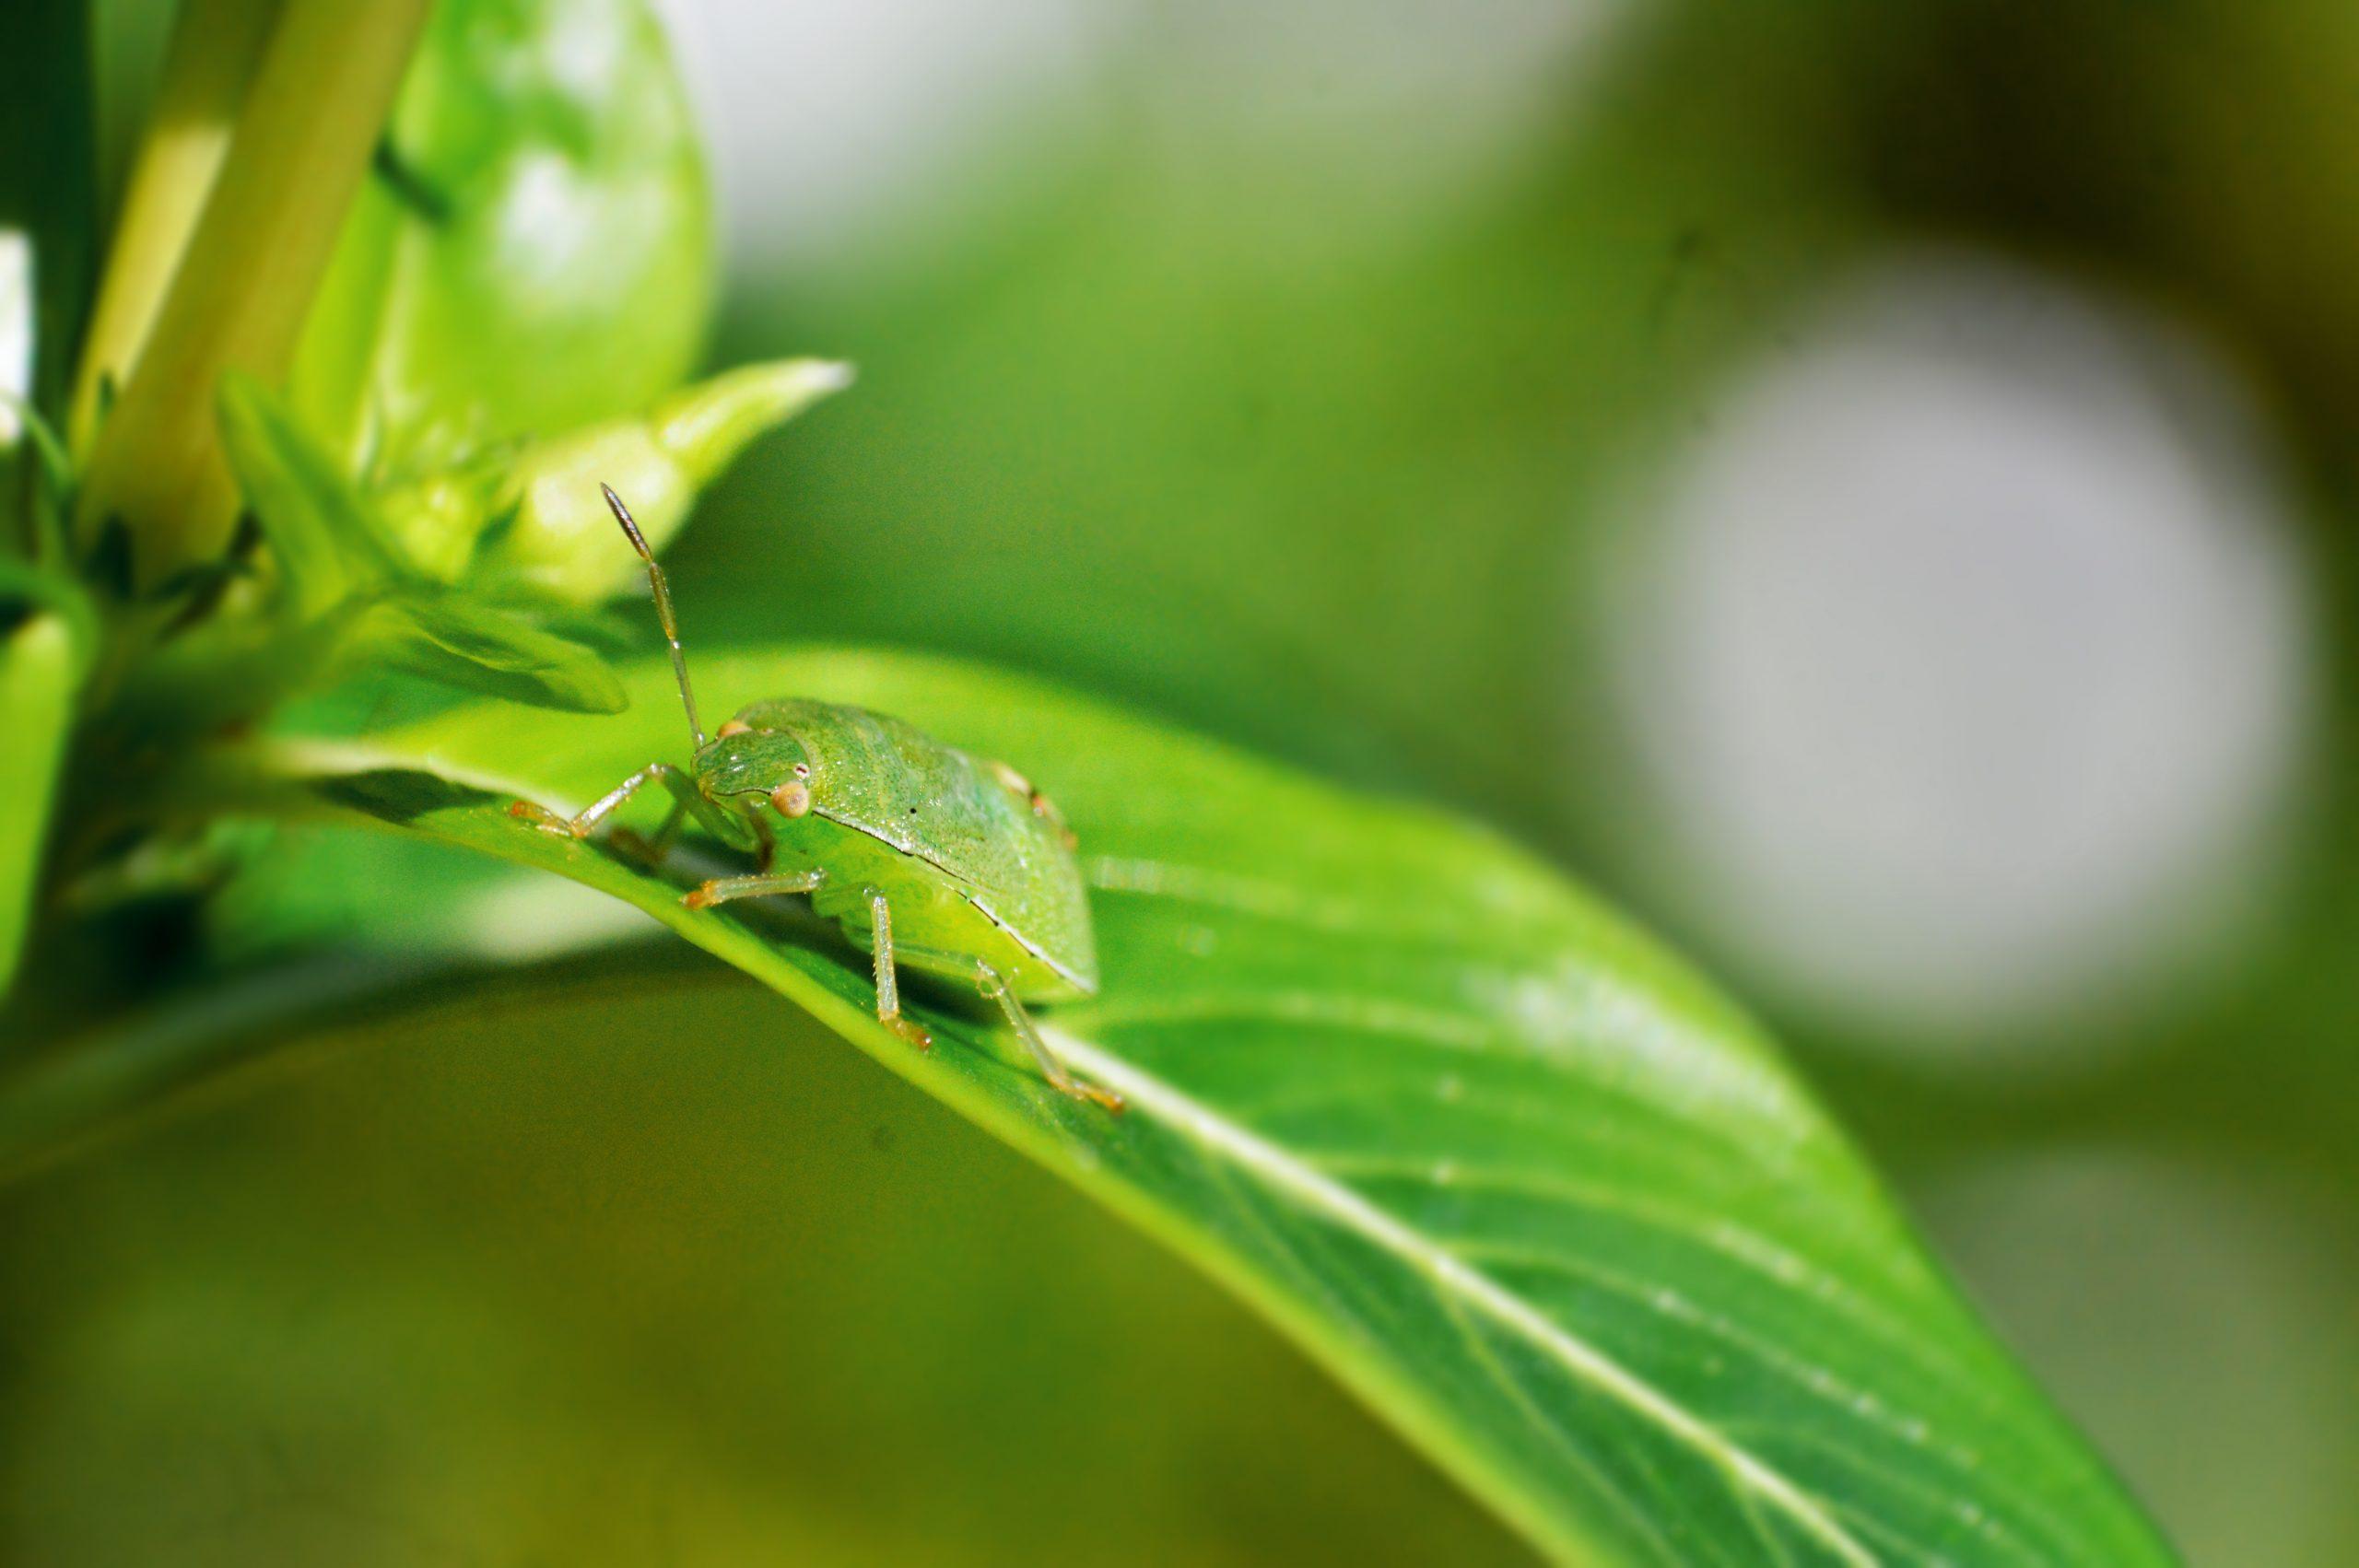 Green stink bug on plant leaf